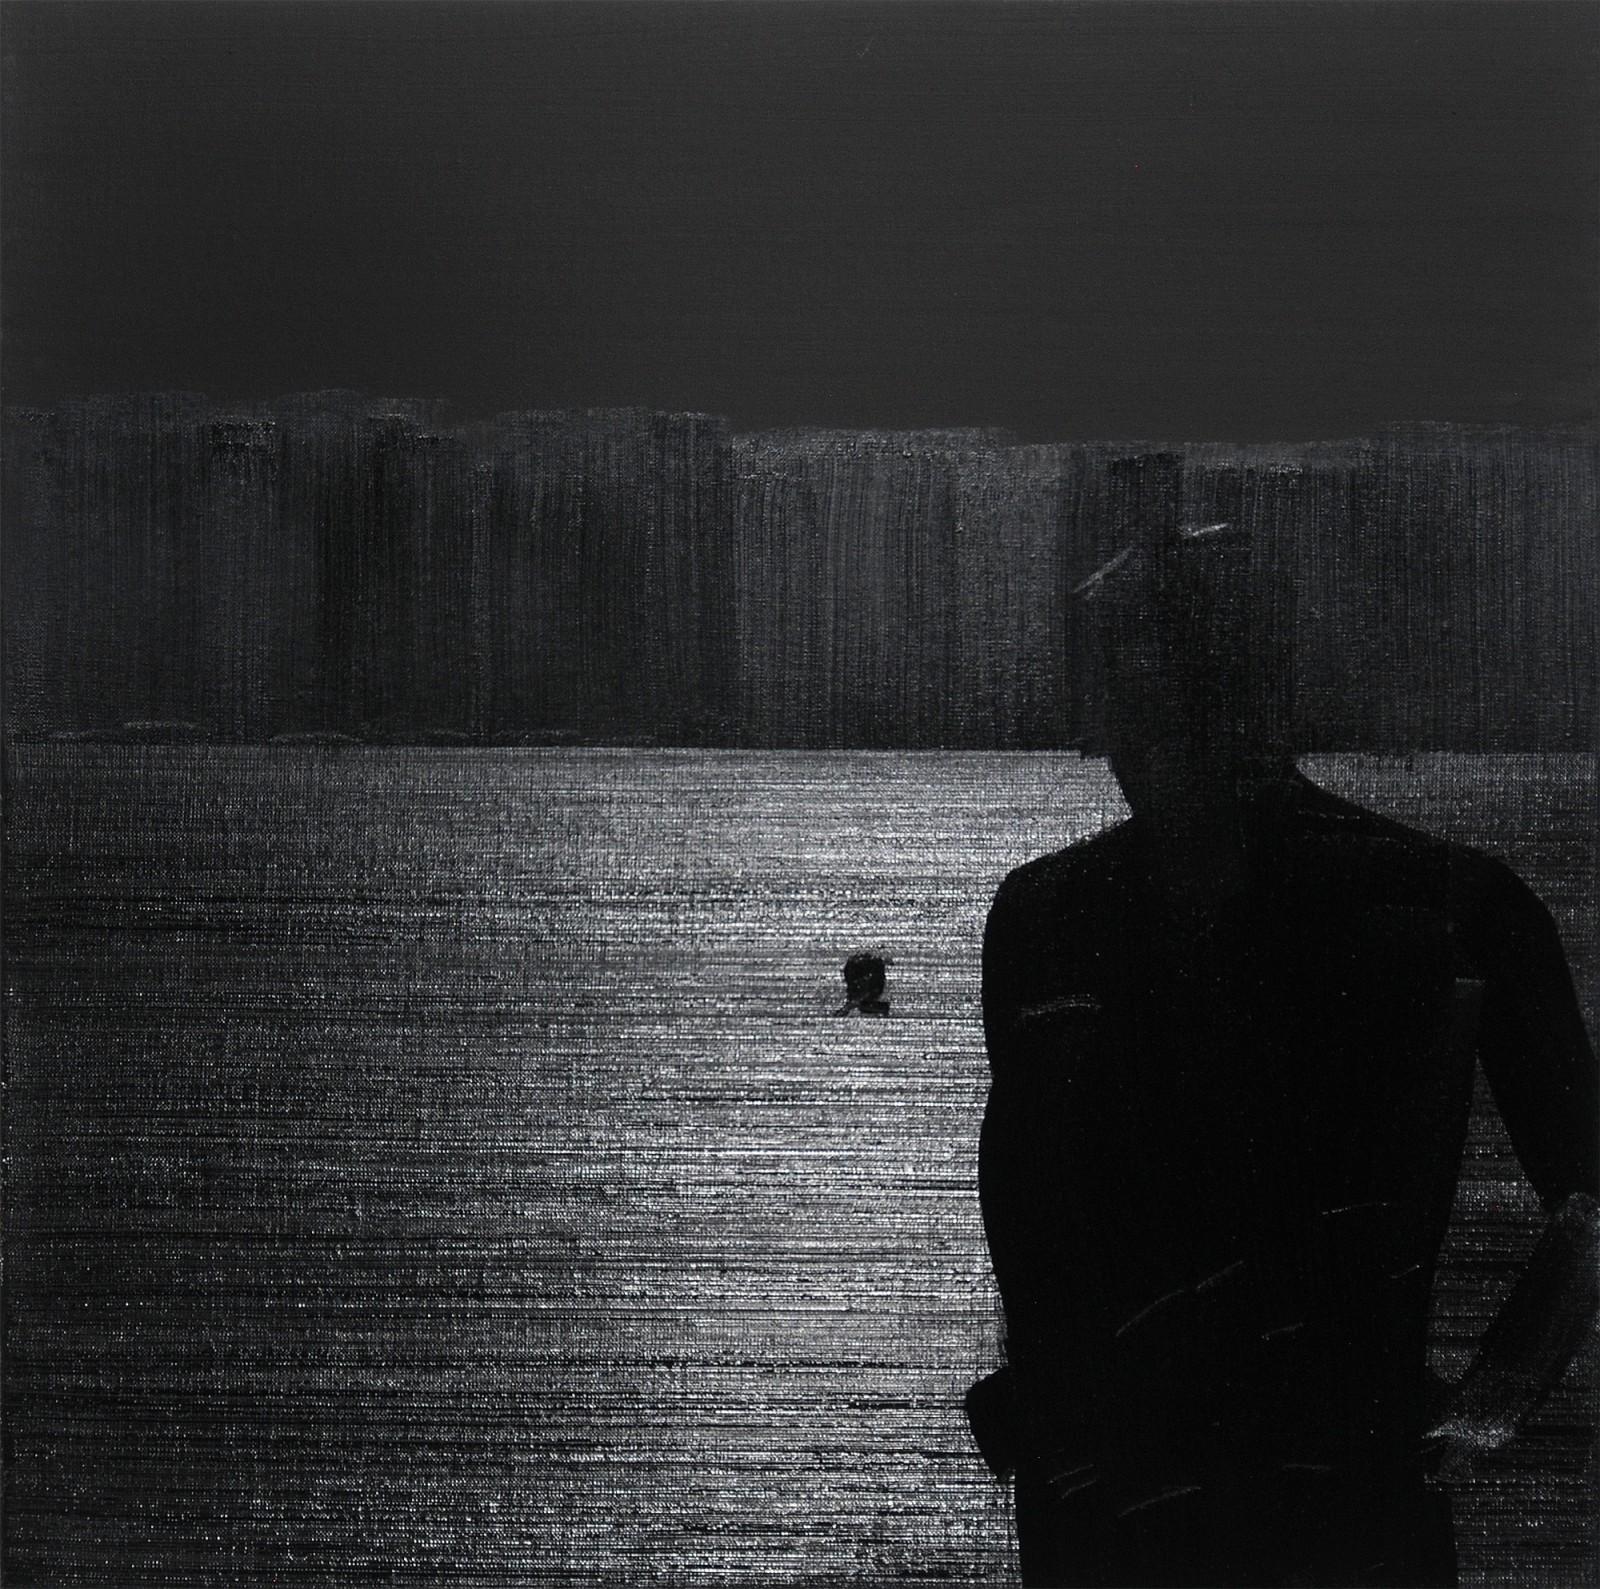 Rafał Bujnowski, bez tytułu (Graboszyce), 2013, fot. dzięki uprzejmości Galerii Raster